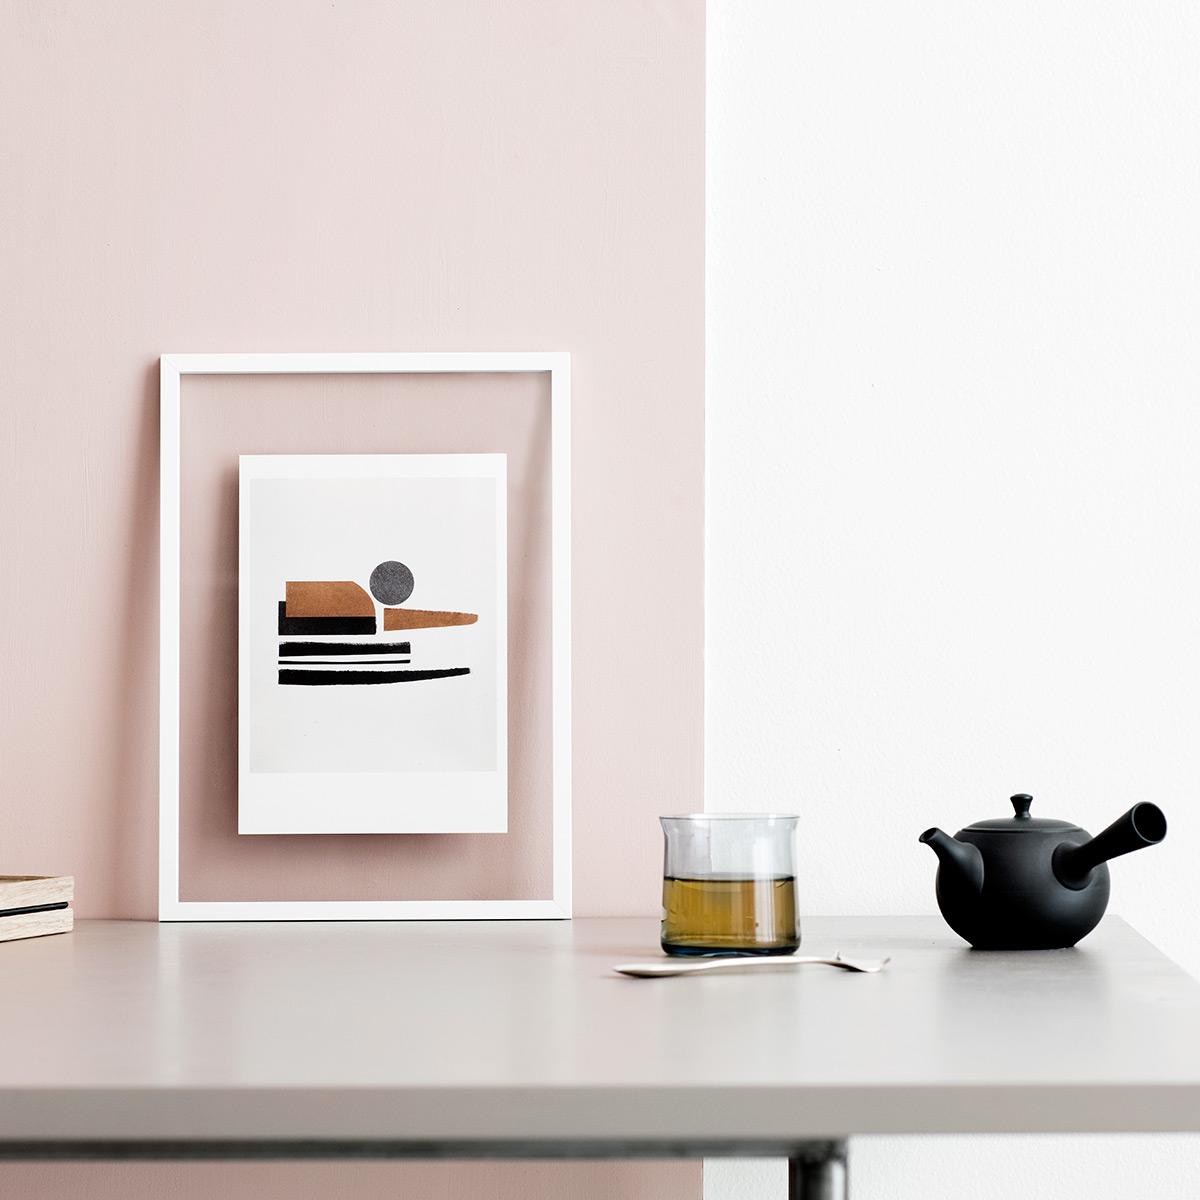 rikiki grafik produkt white frame bilderrahmen a4. Black Bedroom Furniture Sets. Home Design Ideas